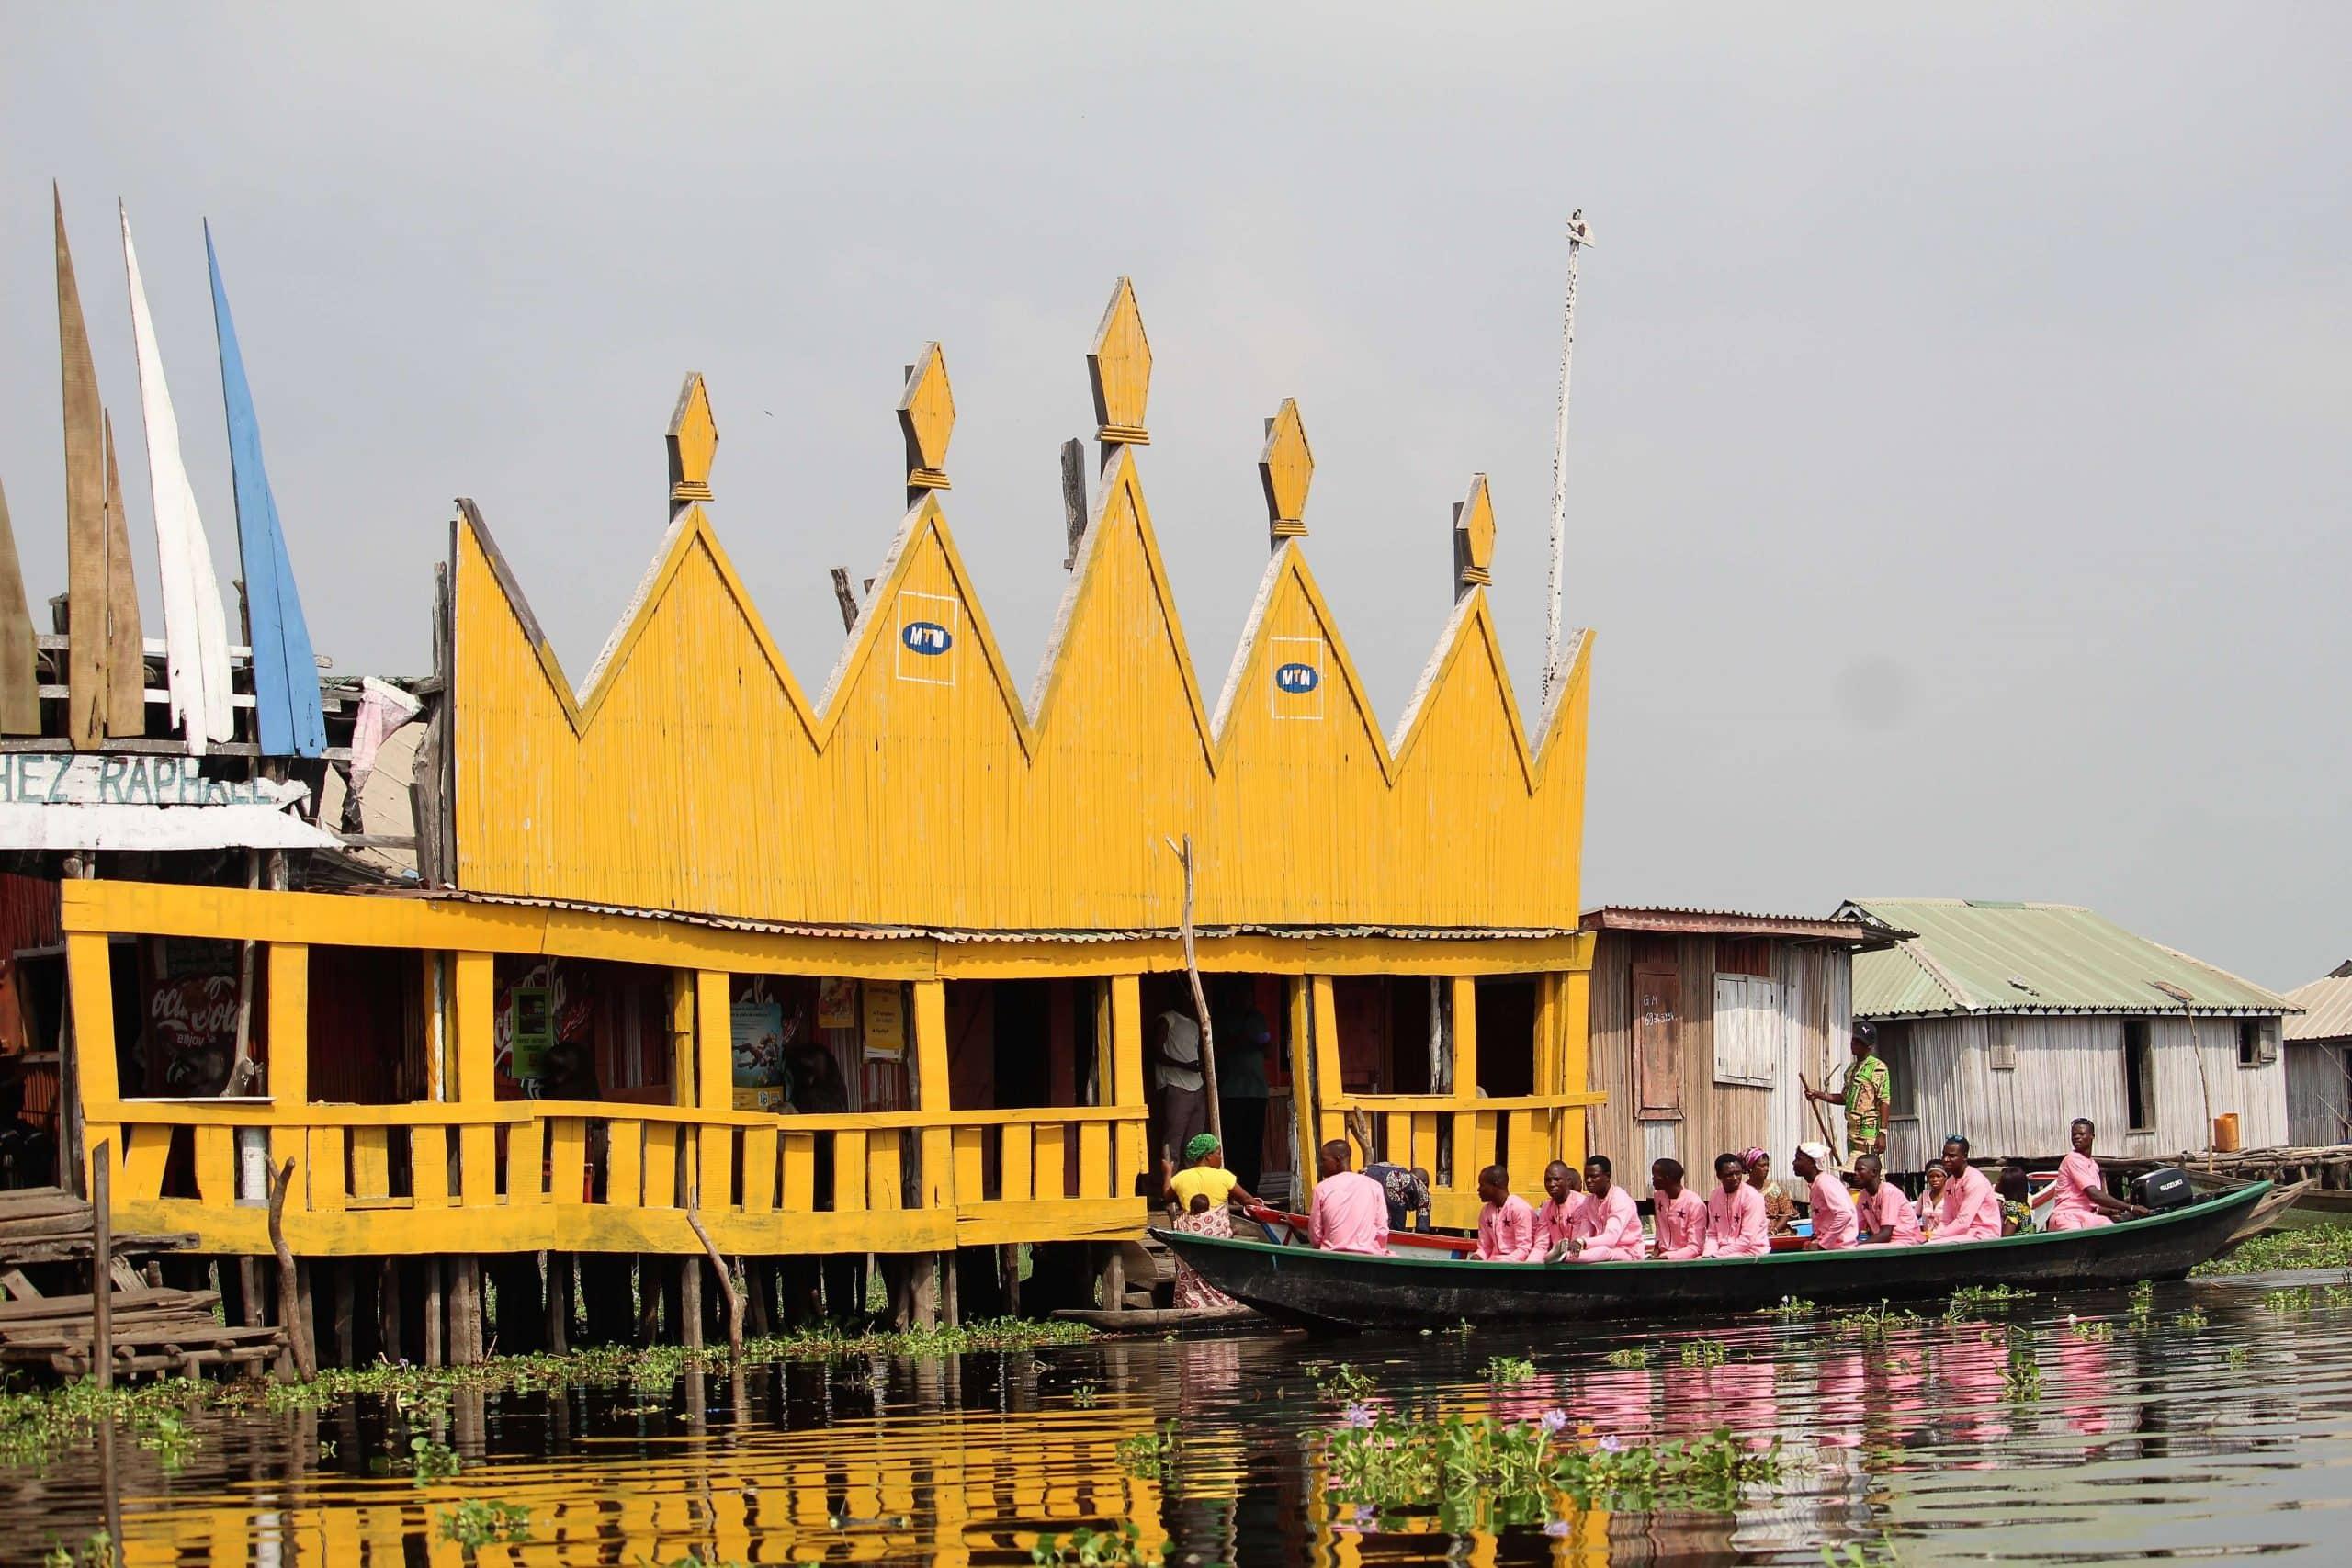 Floating hotel in Ganvie, Benin